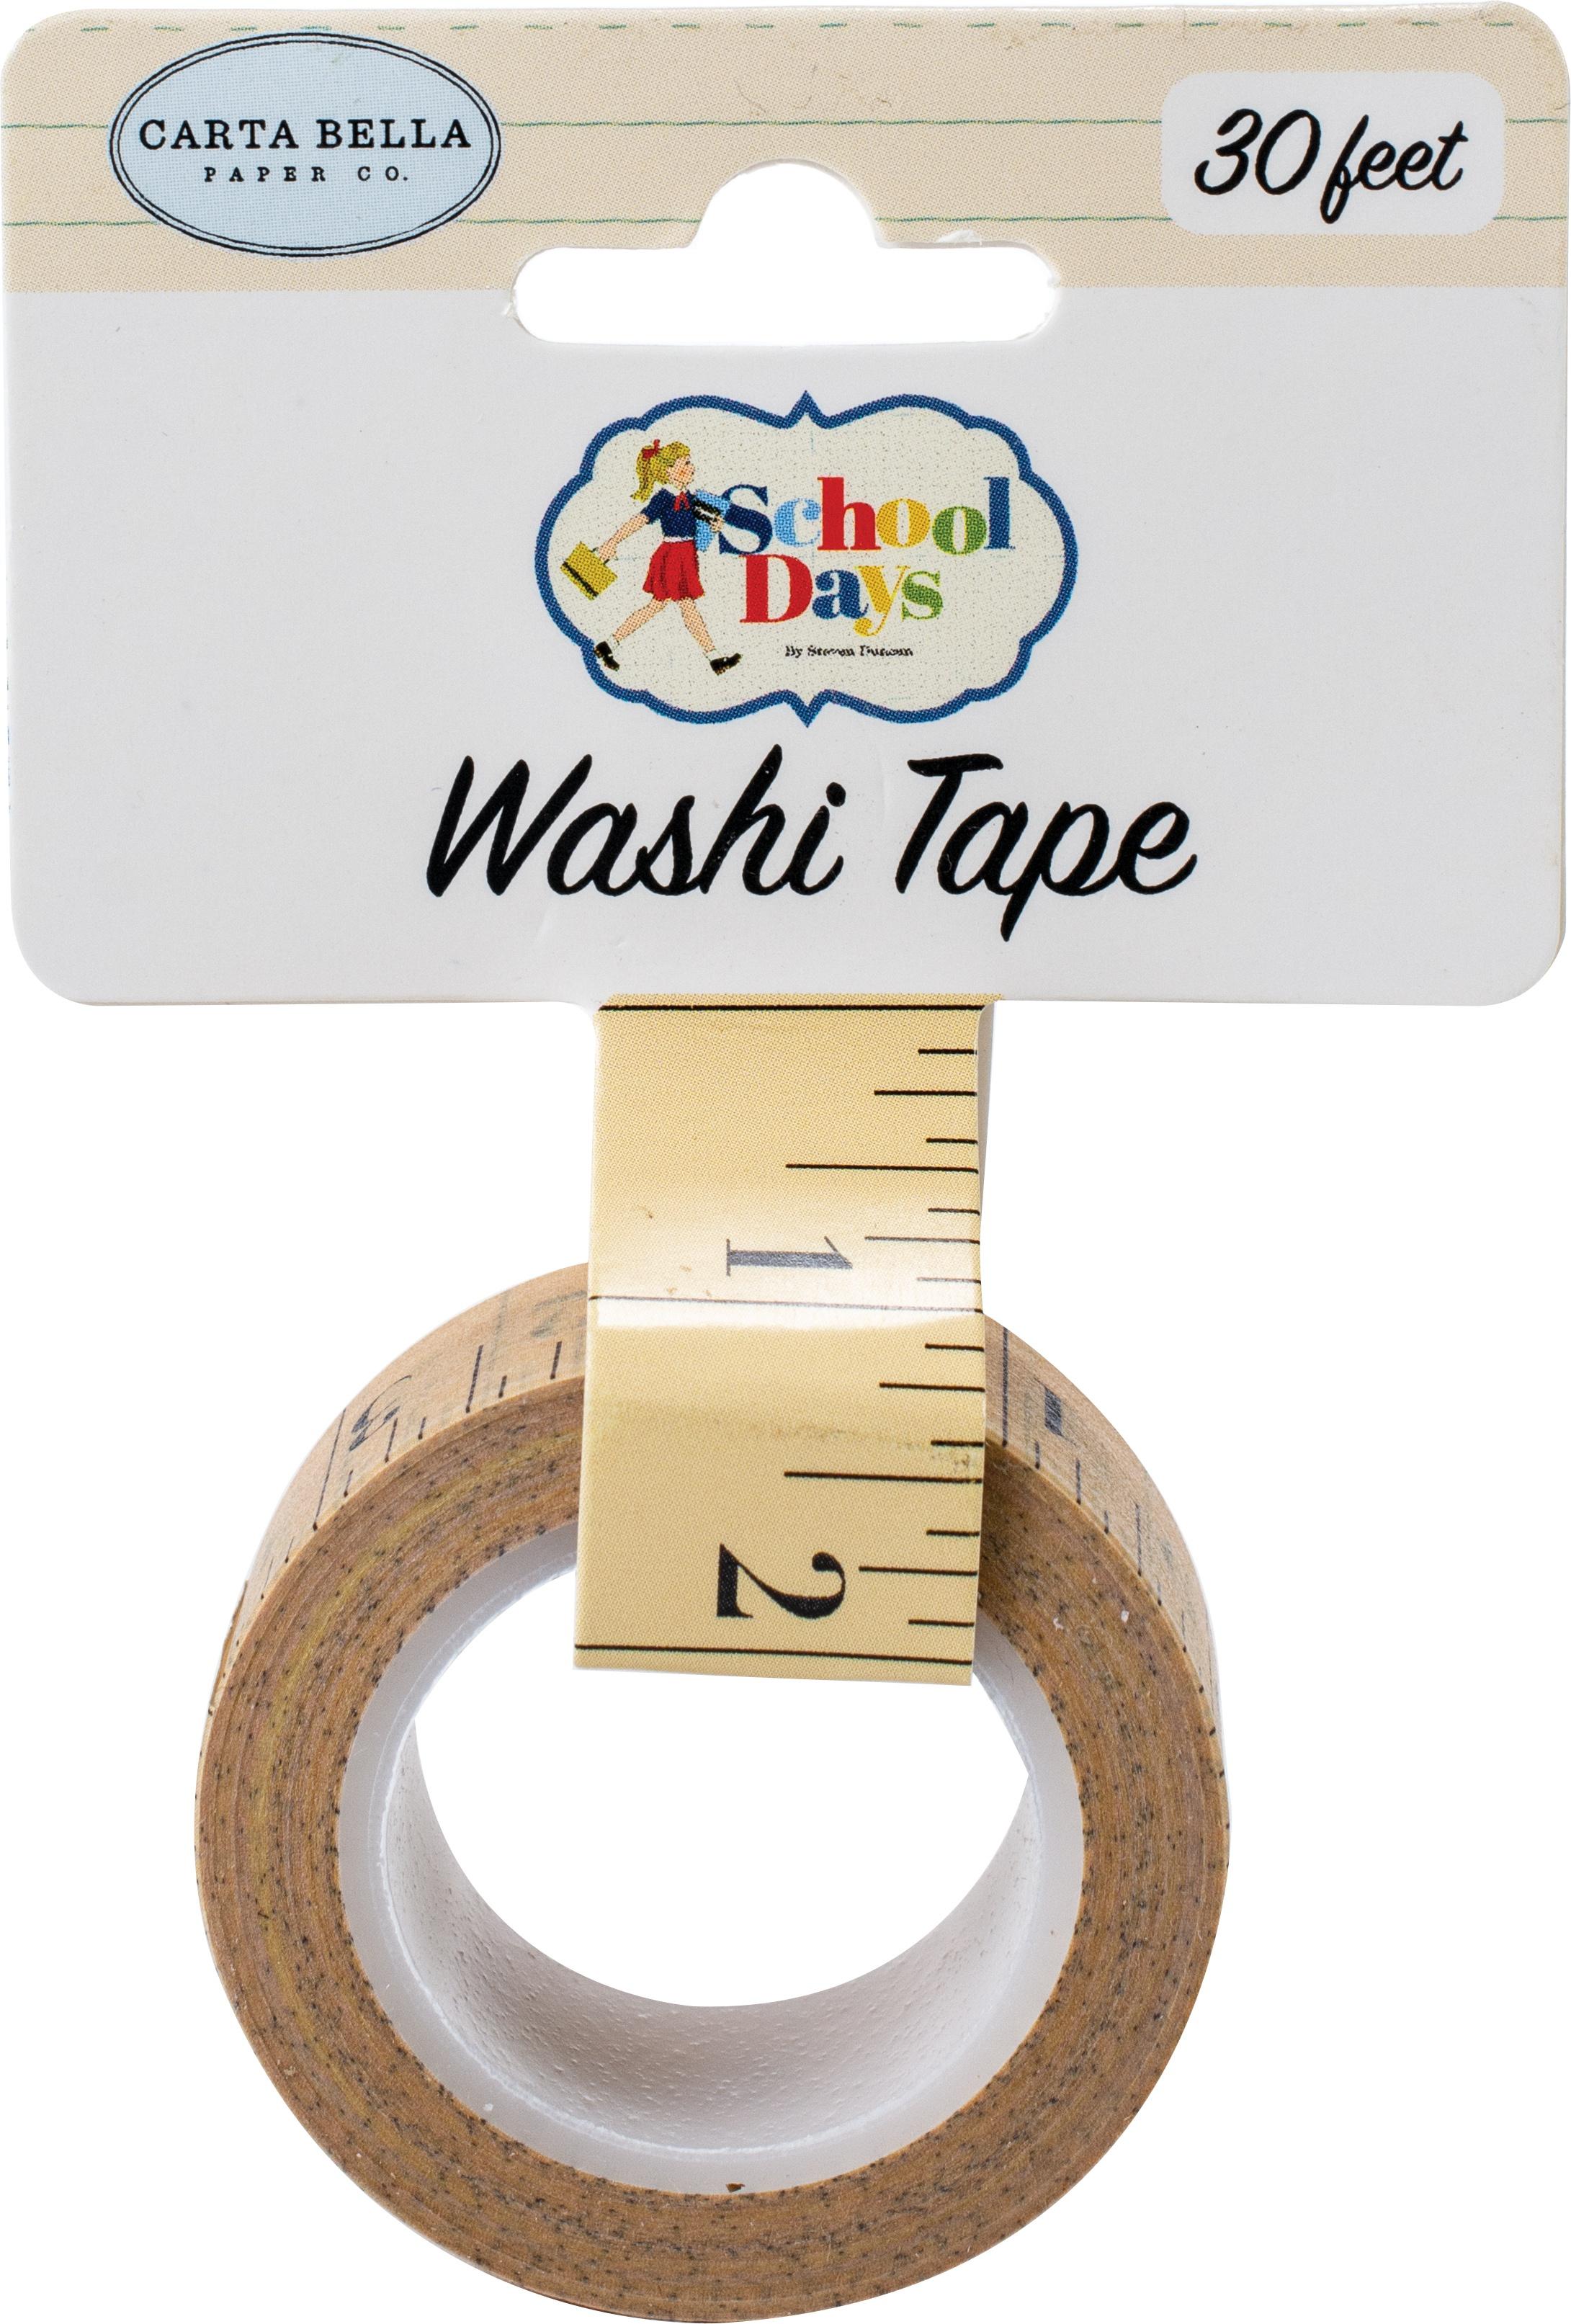 School Days Ruler Washi Tape